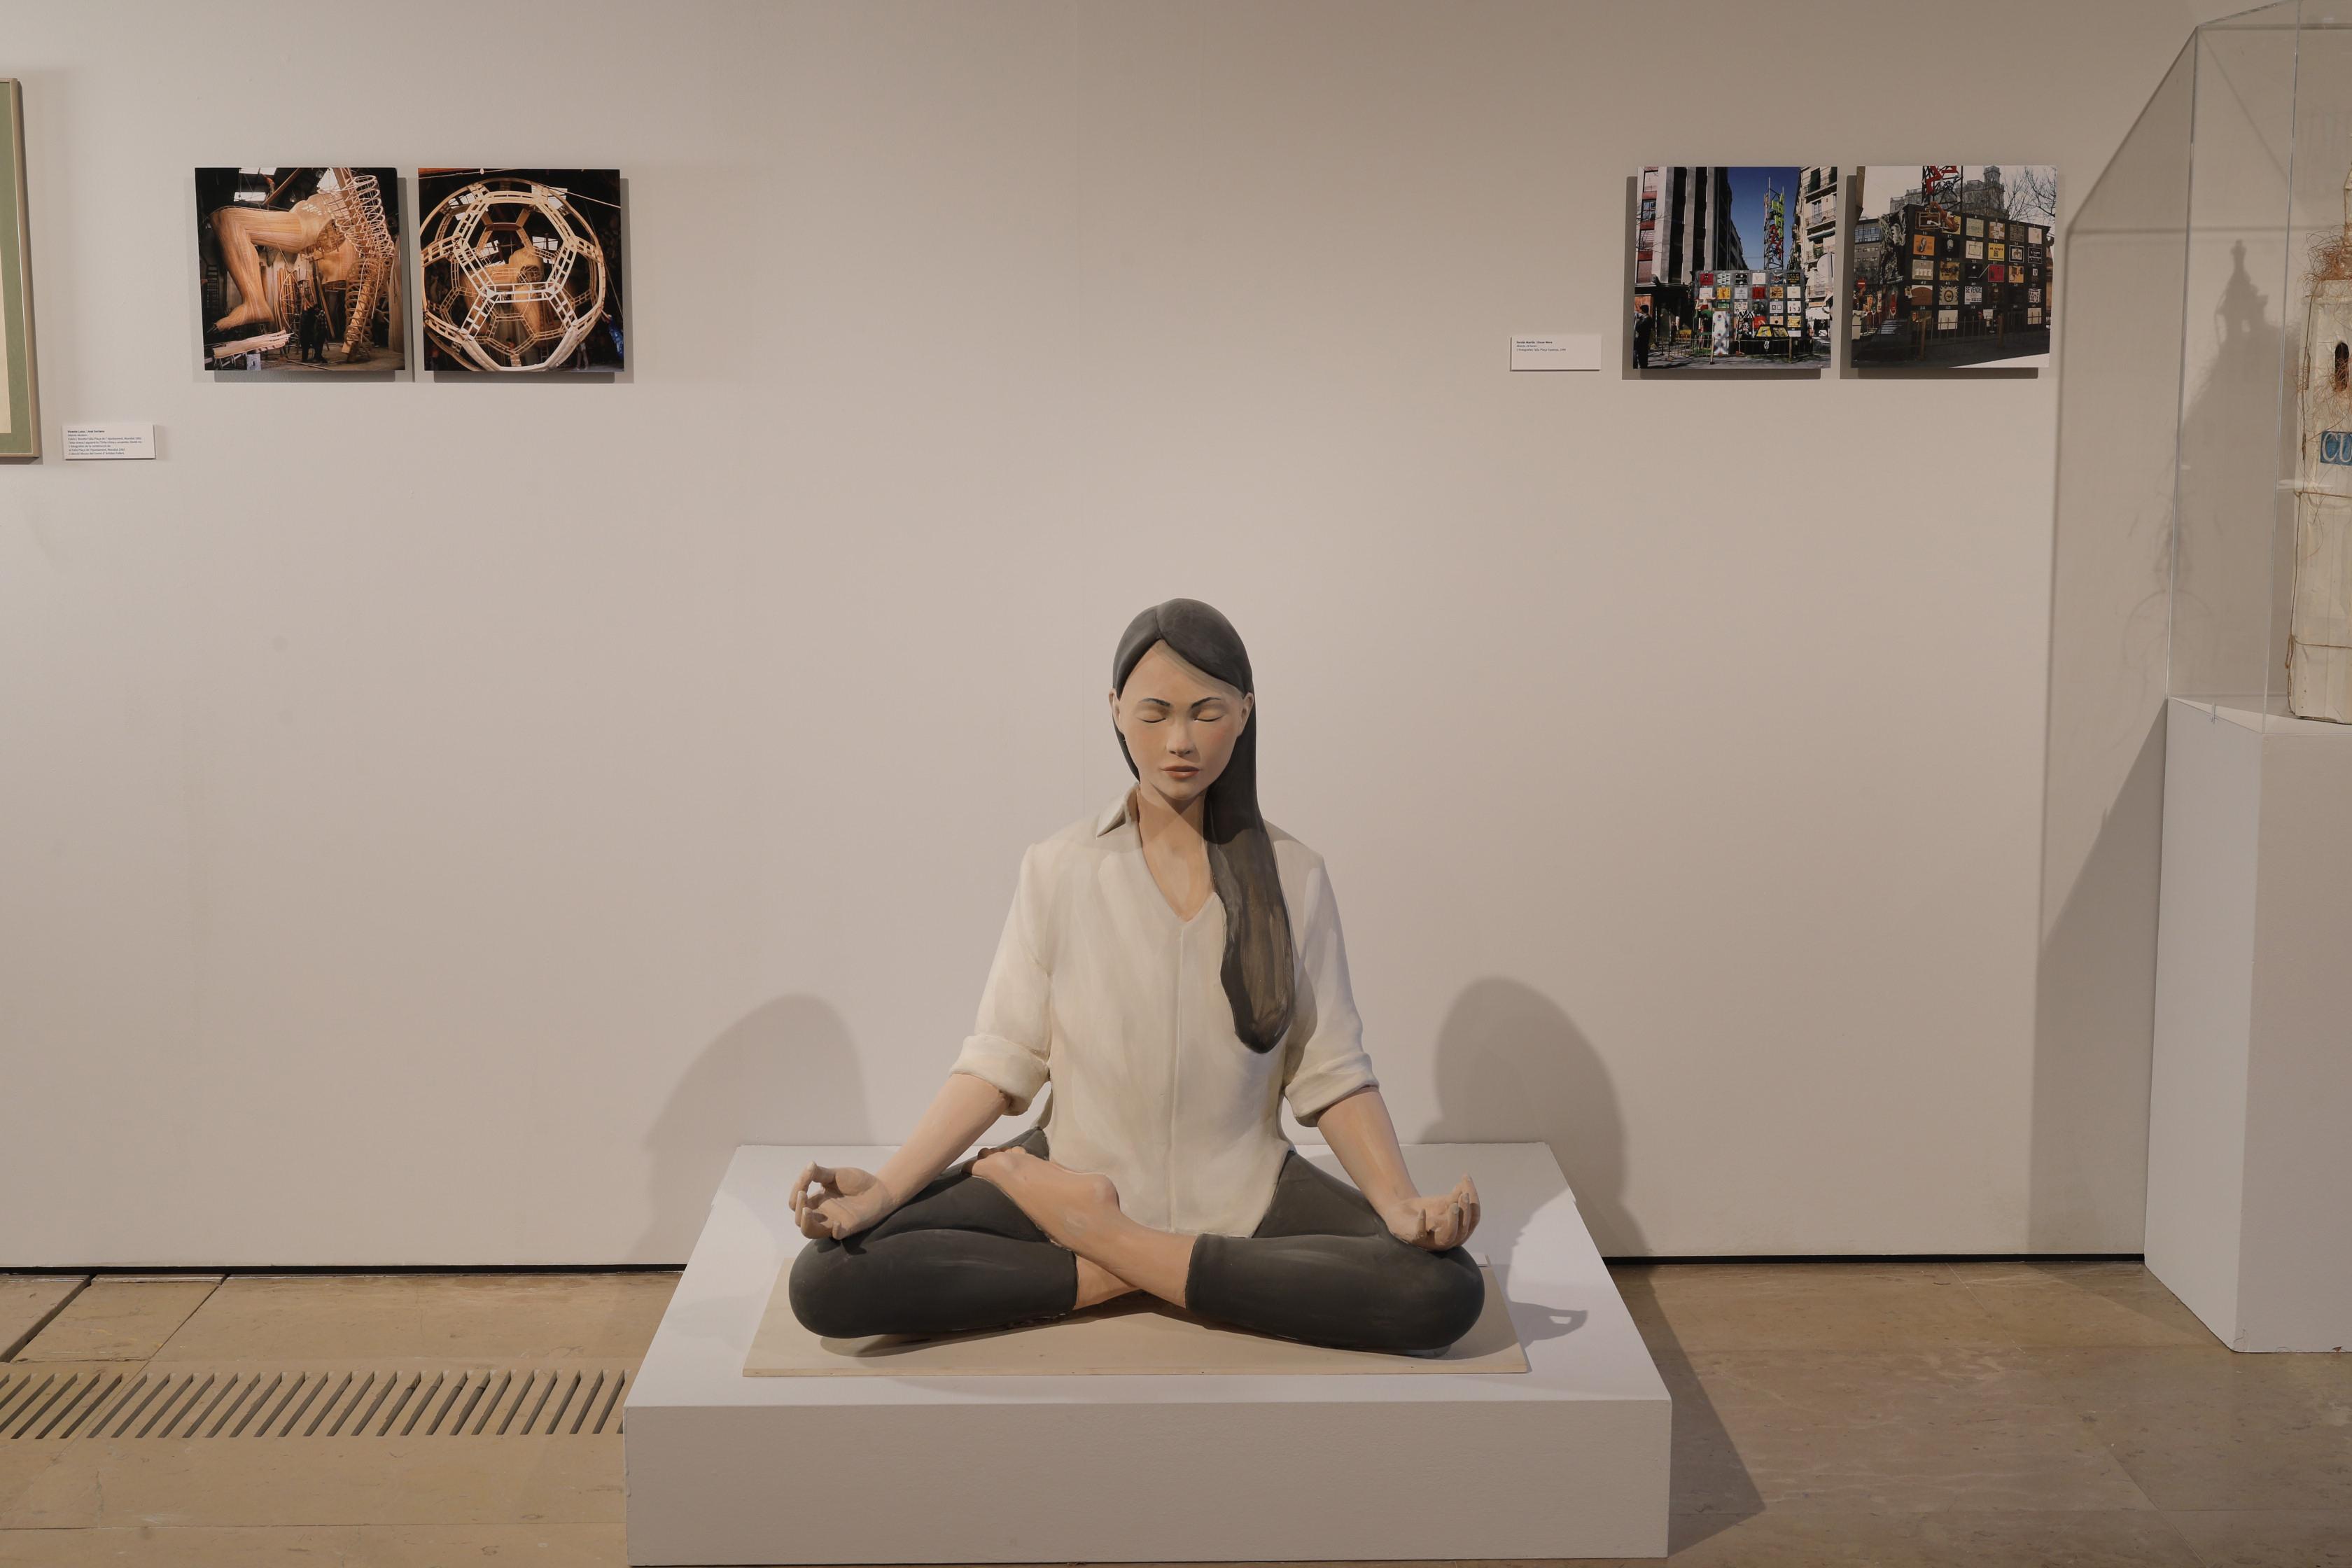 """El Centre del Carme oferirà una classe de meditació i ioga en línia en directe, a proposta d""""Escif"""